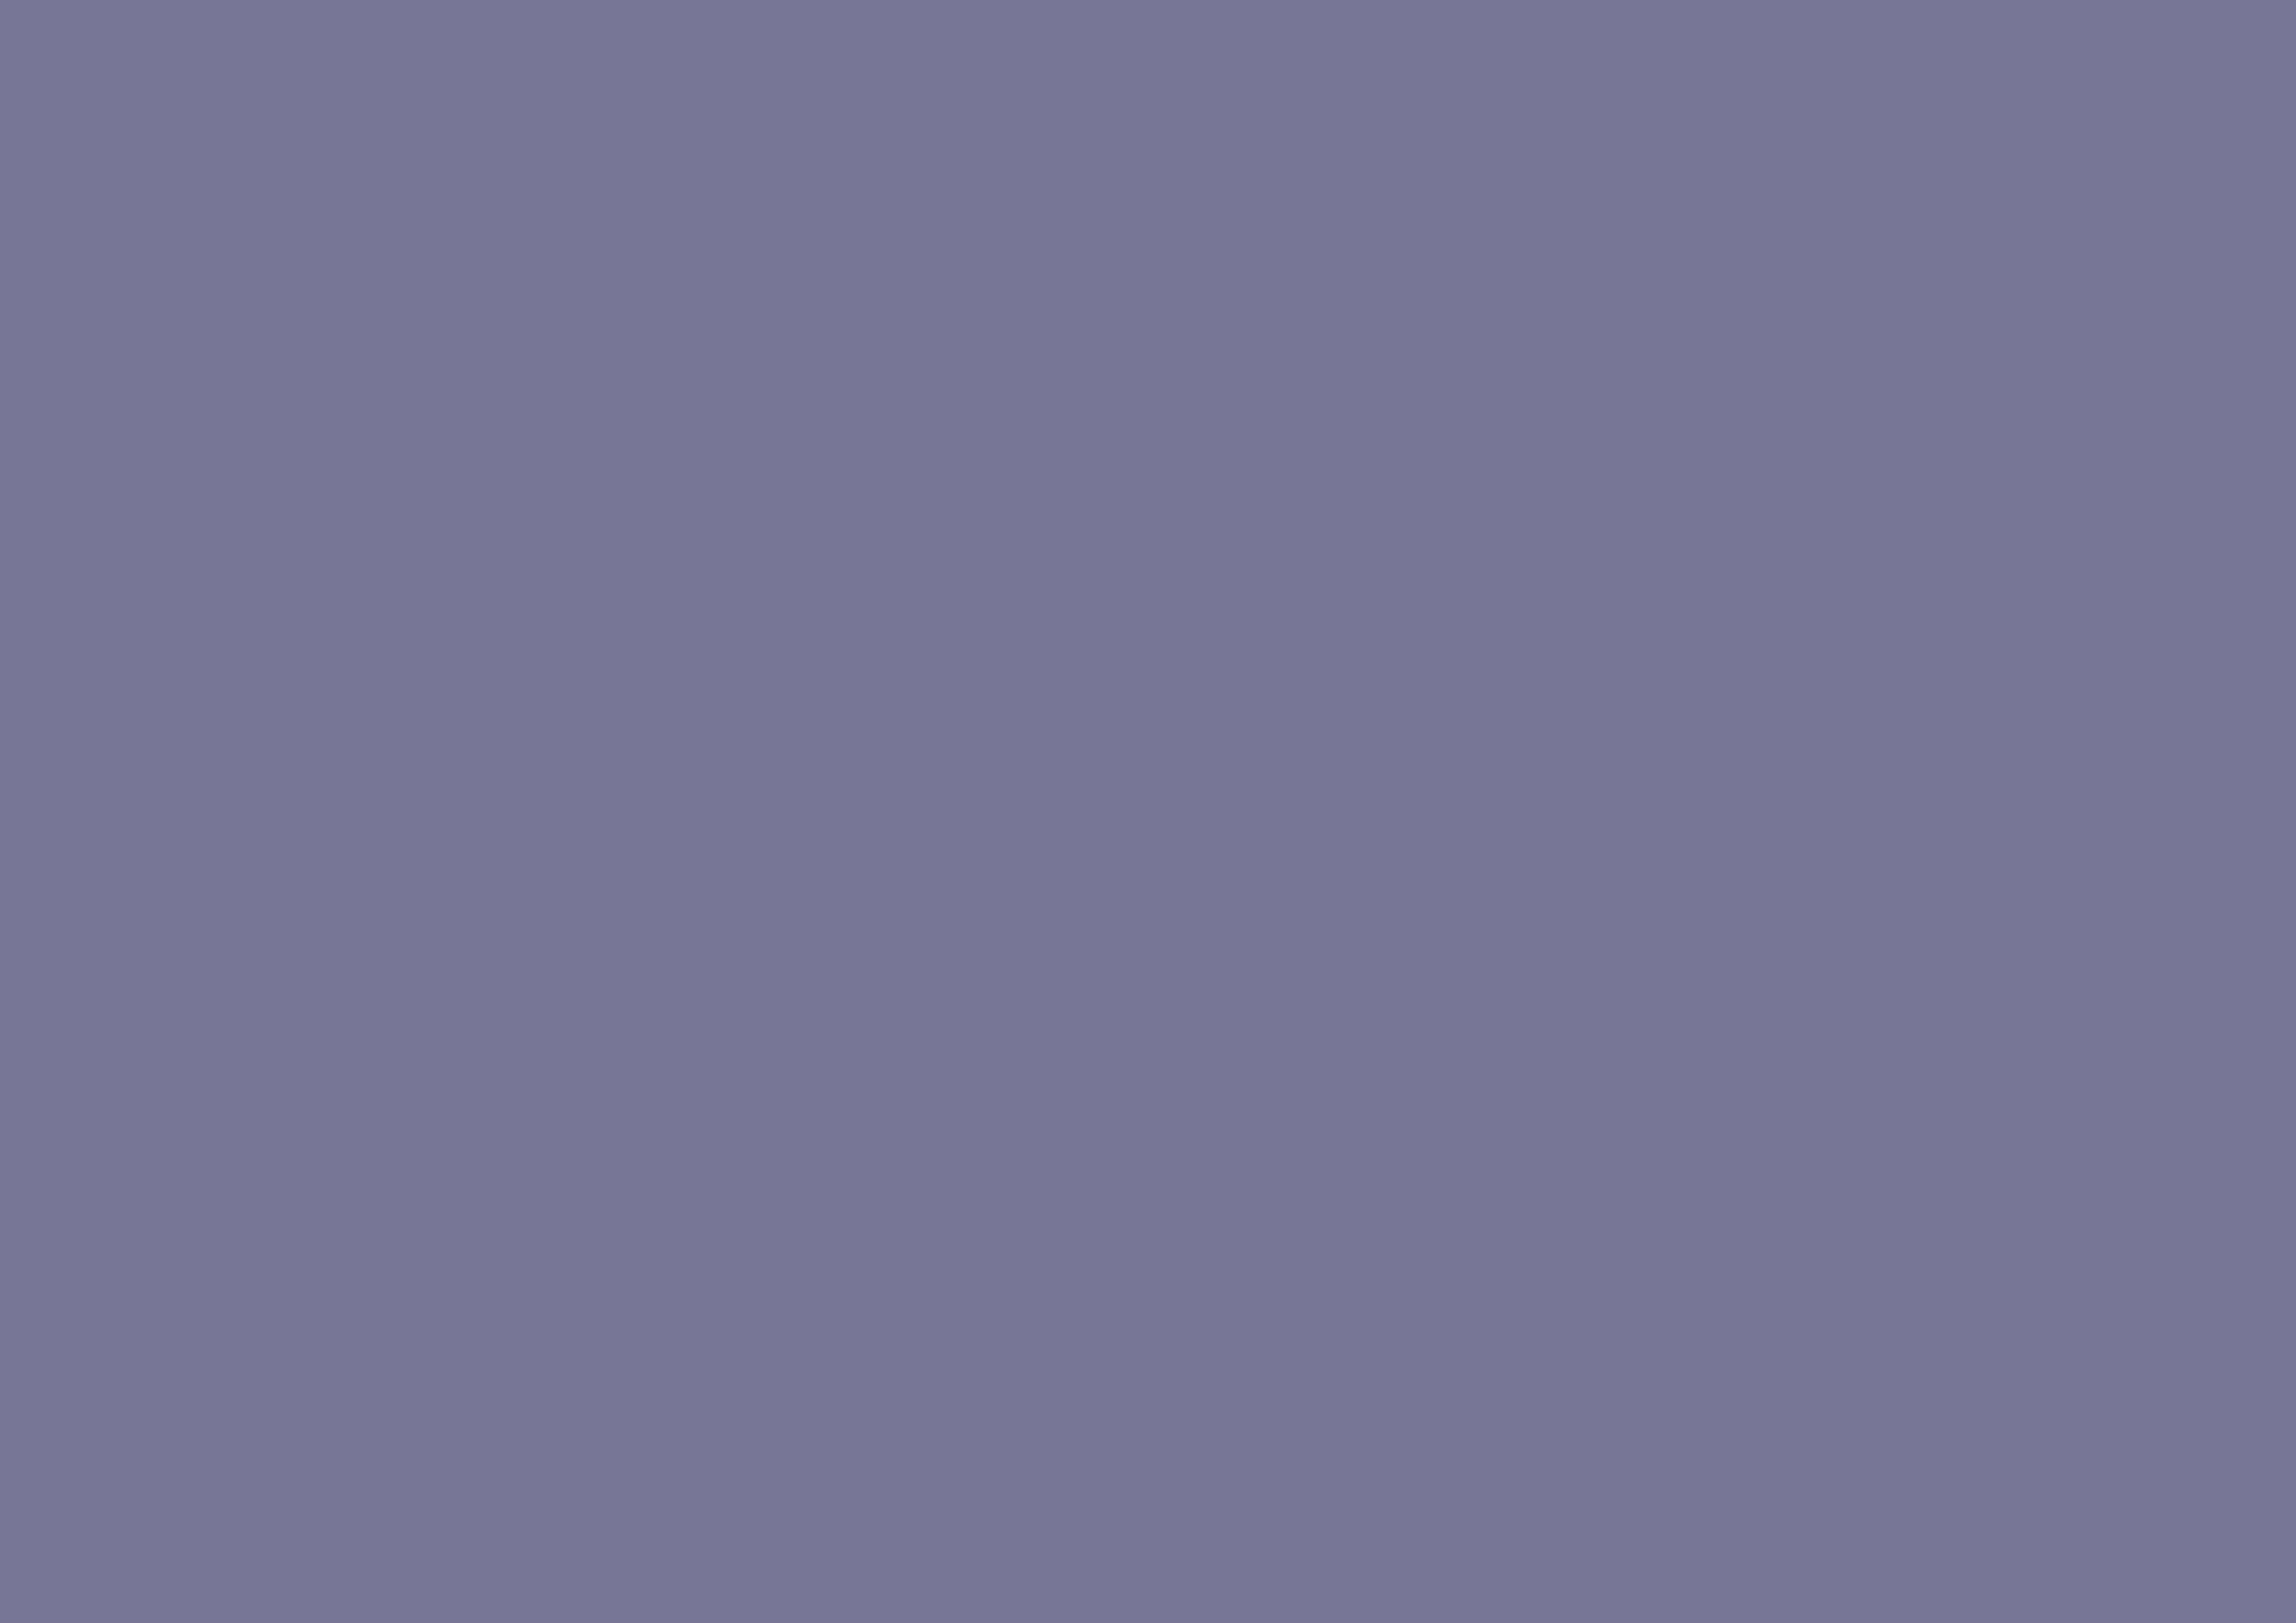 3508x2480 Rhythm Solid Color Background